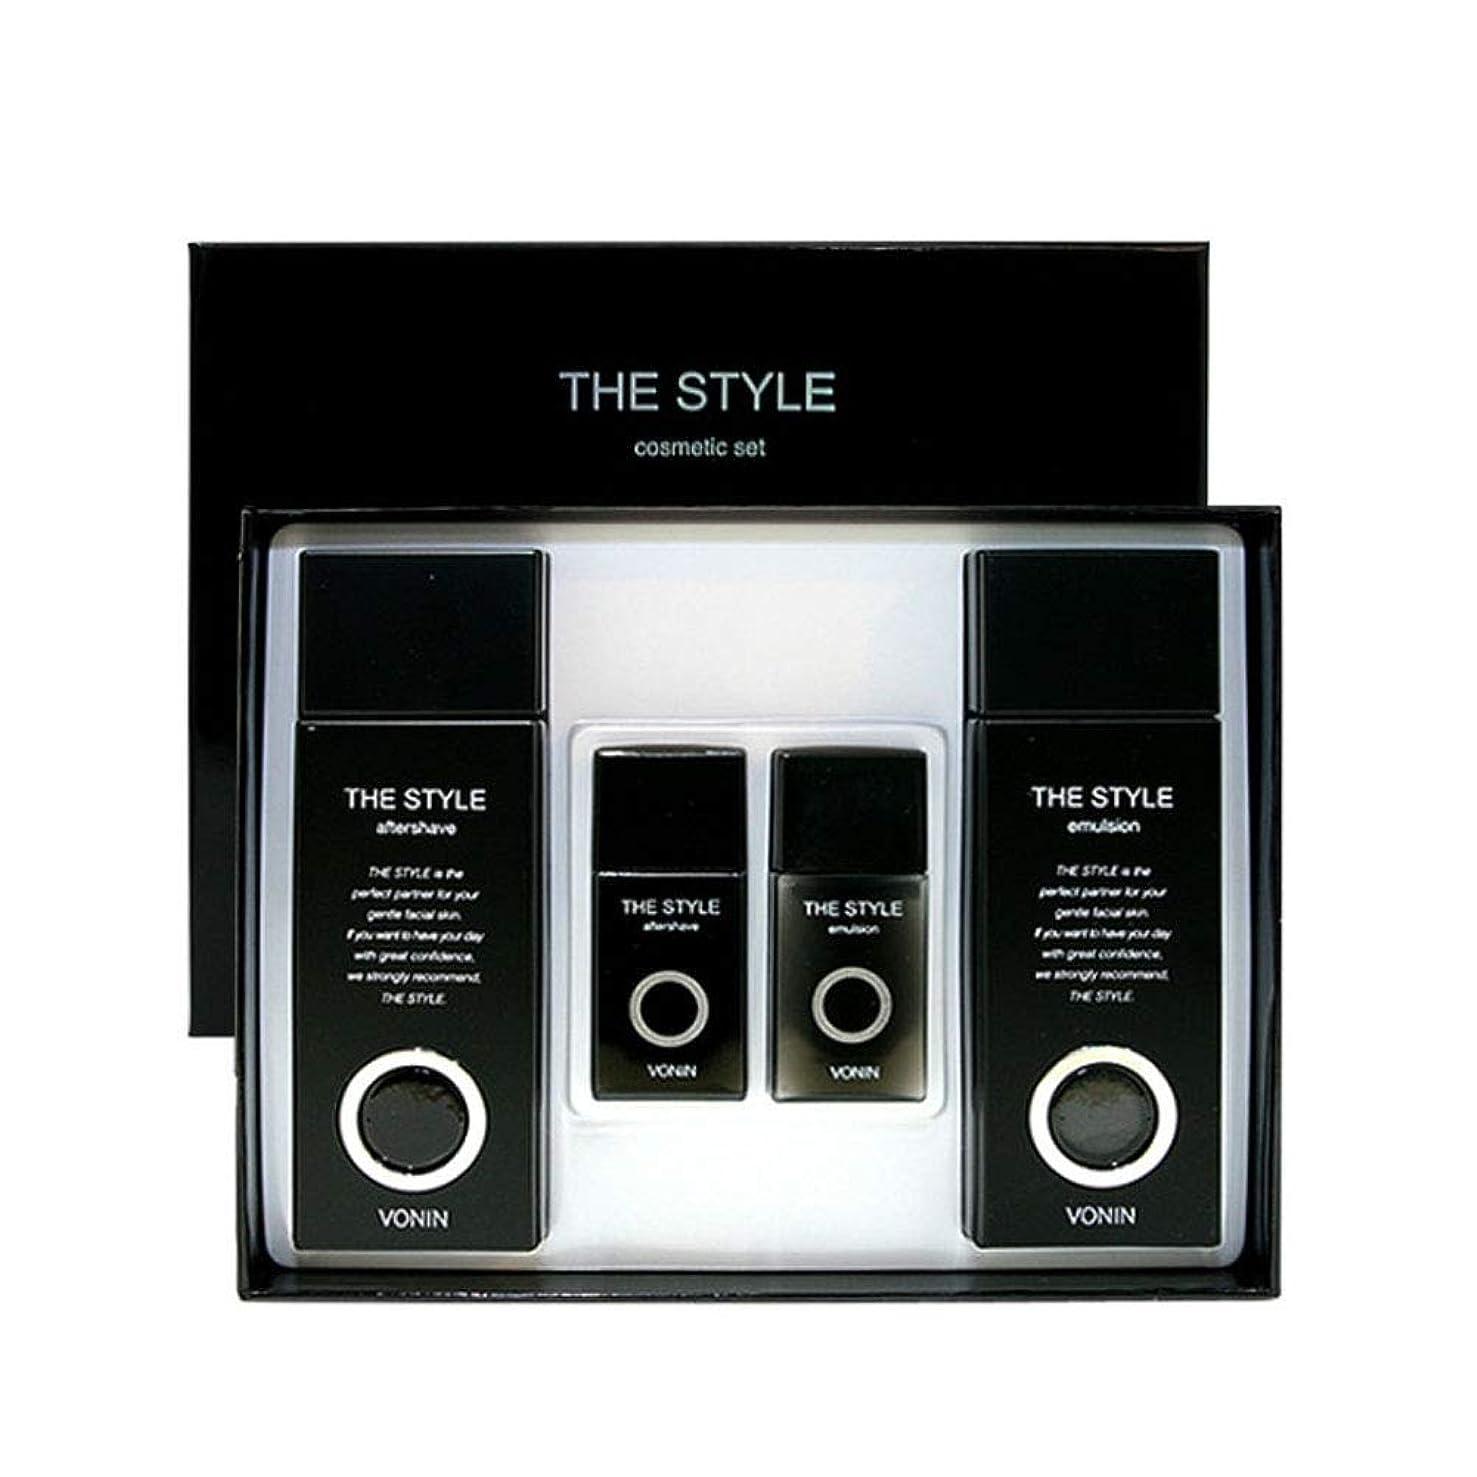 ニュージーランド確認してくださいシャイボニンダースタイルアフターシェーブ170ml(135+35)エマルジョン170ml(135+35)セットメンズコスメ韓国コスメ、VONIN The Style Aftershave 170ml(135+35) Emulsion 170ml(135+35) Set Men's Cosmetics Korean Cosmetics [並行輸入品]